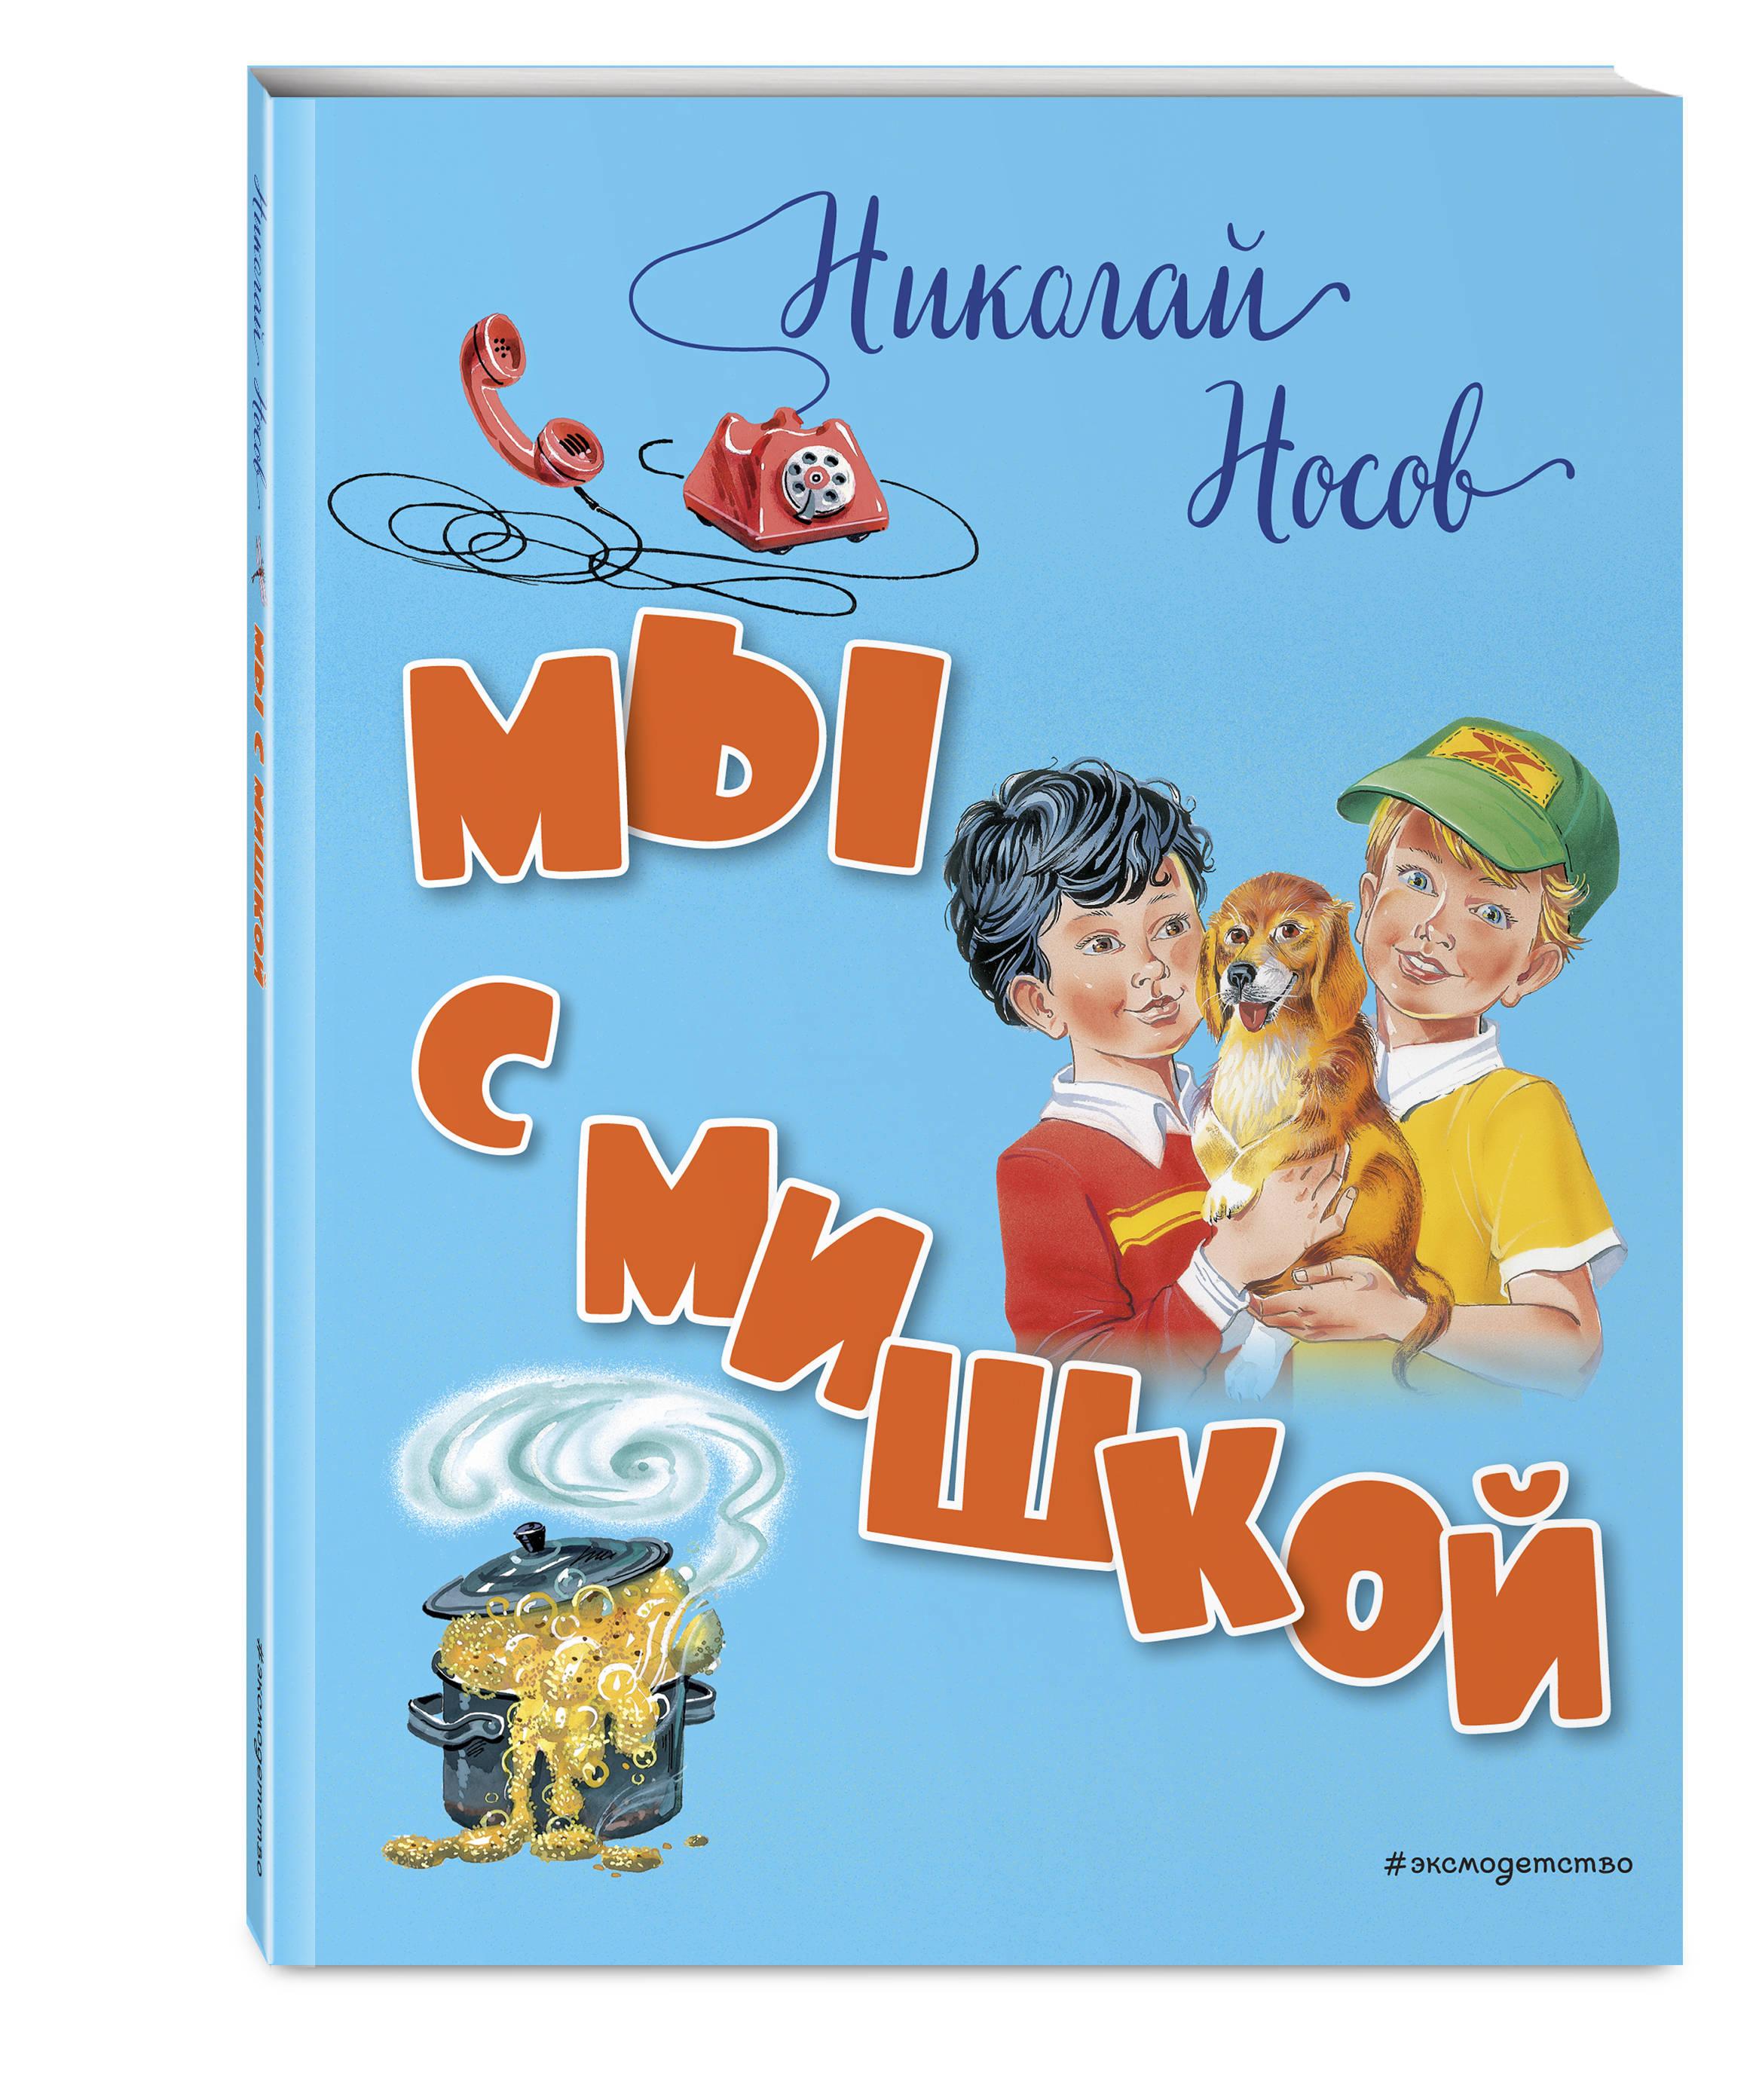 купить Николай Носов Мы с Мишкой по цене 398 рублей